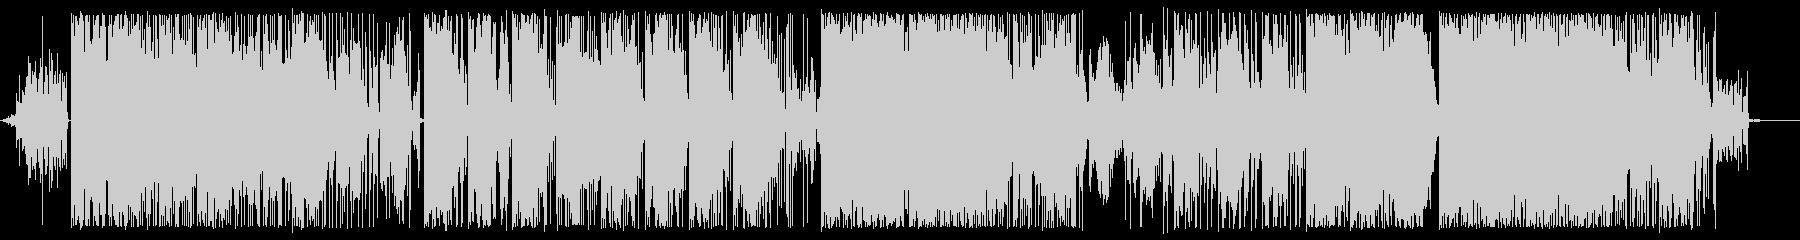 北欧/幻想的/鉄琴/エレクトロニカの未再生の波形